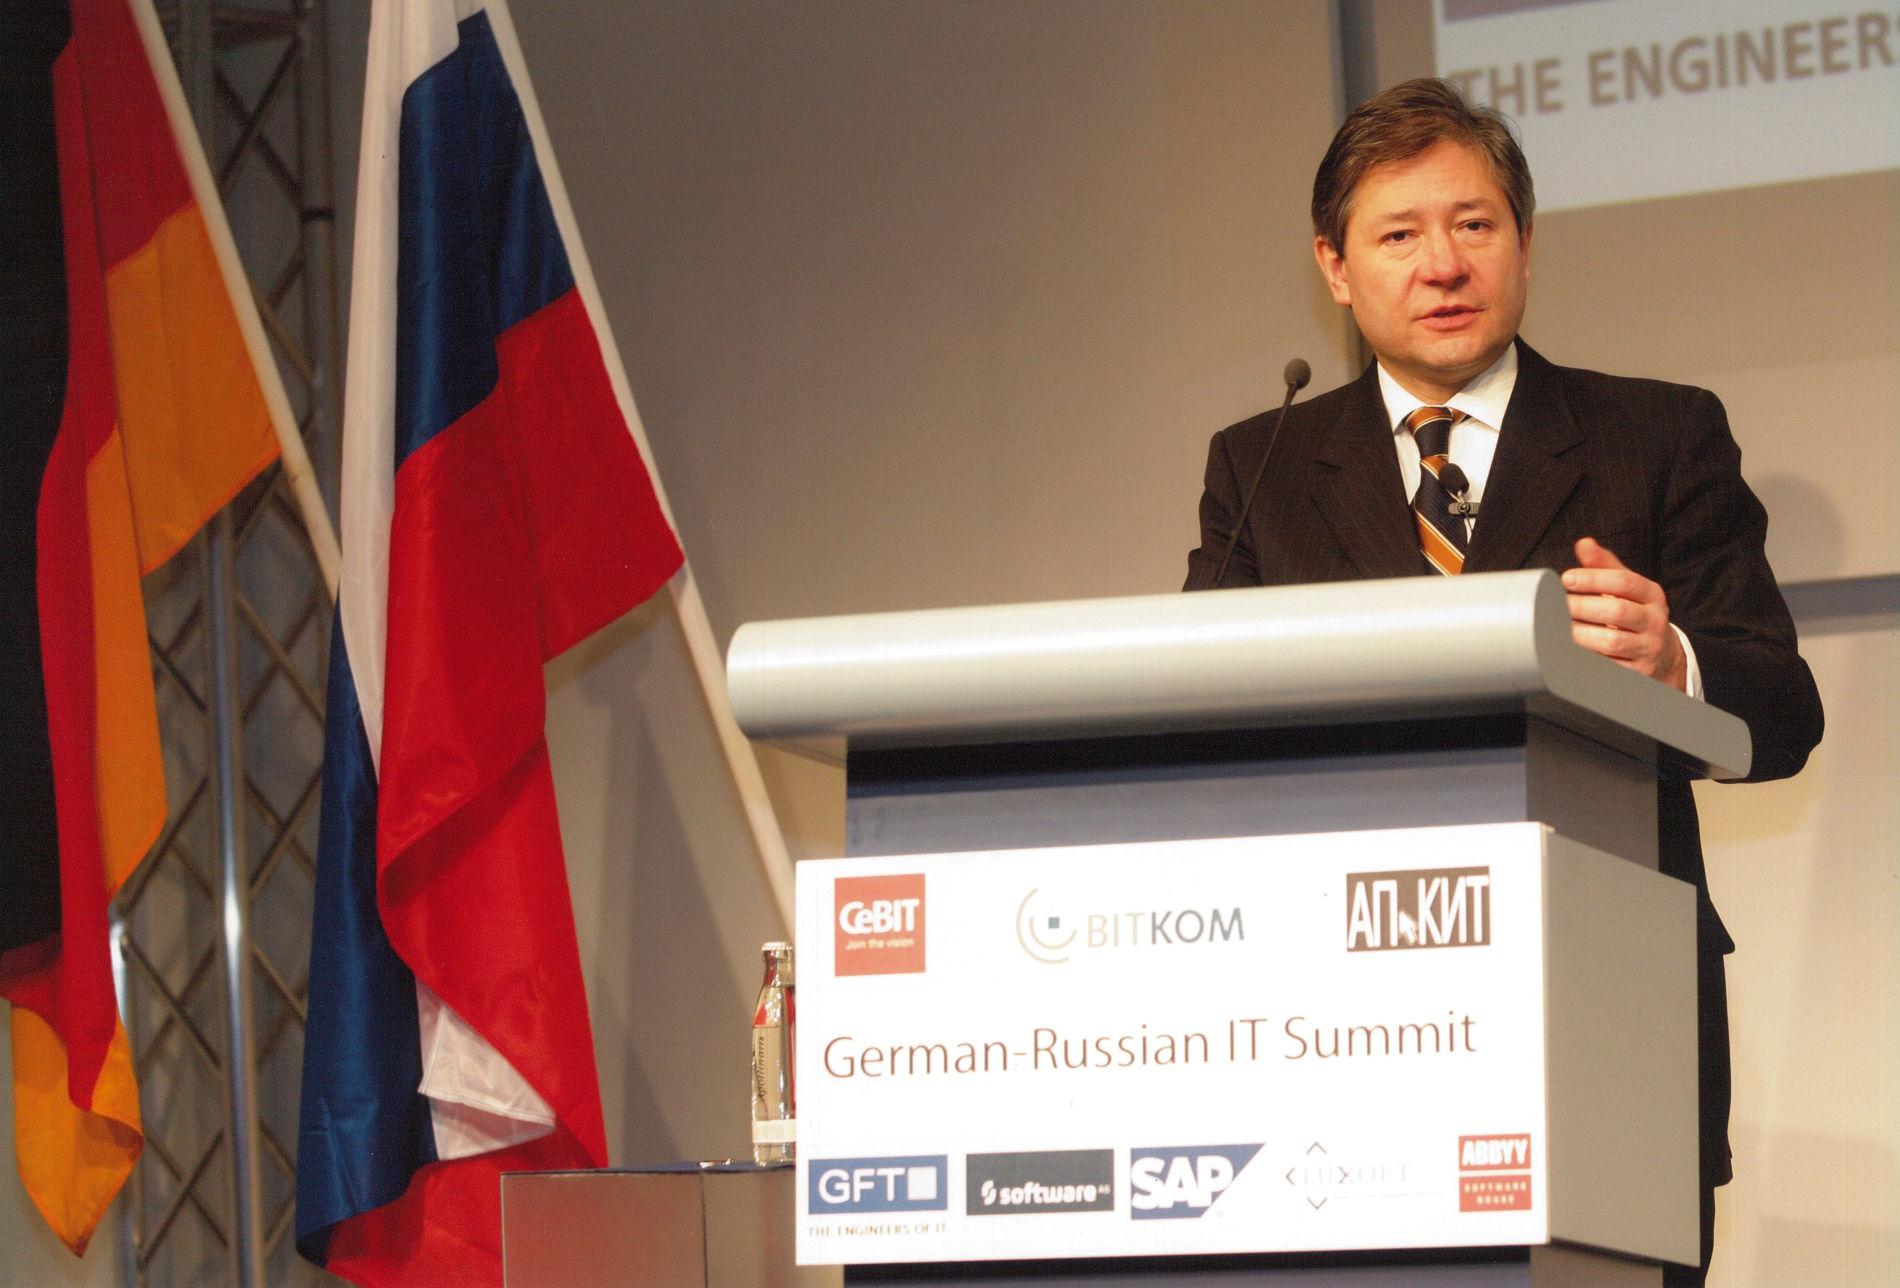 Леонид Рейман на Международной выставке информационных технологий CeBIT-2007 ©Изображение предоставлено Леонидом Рейманом